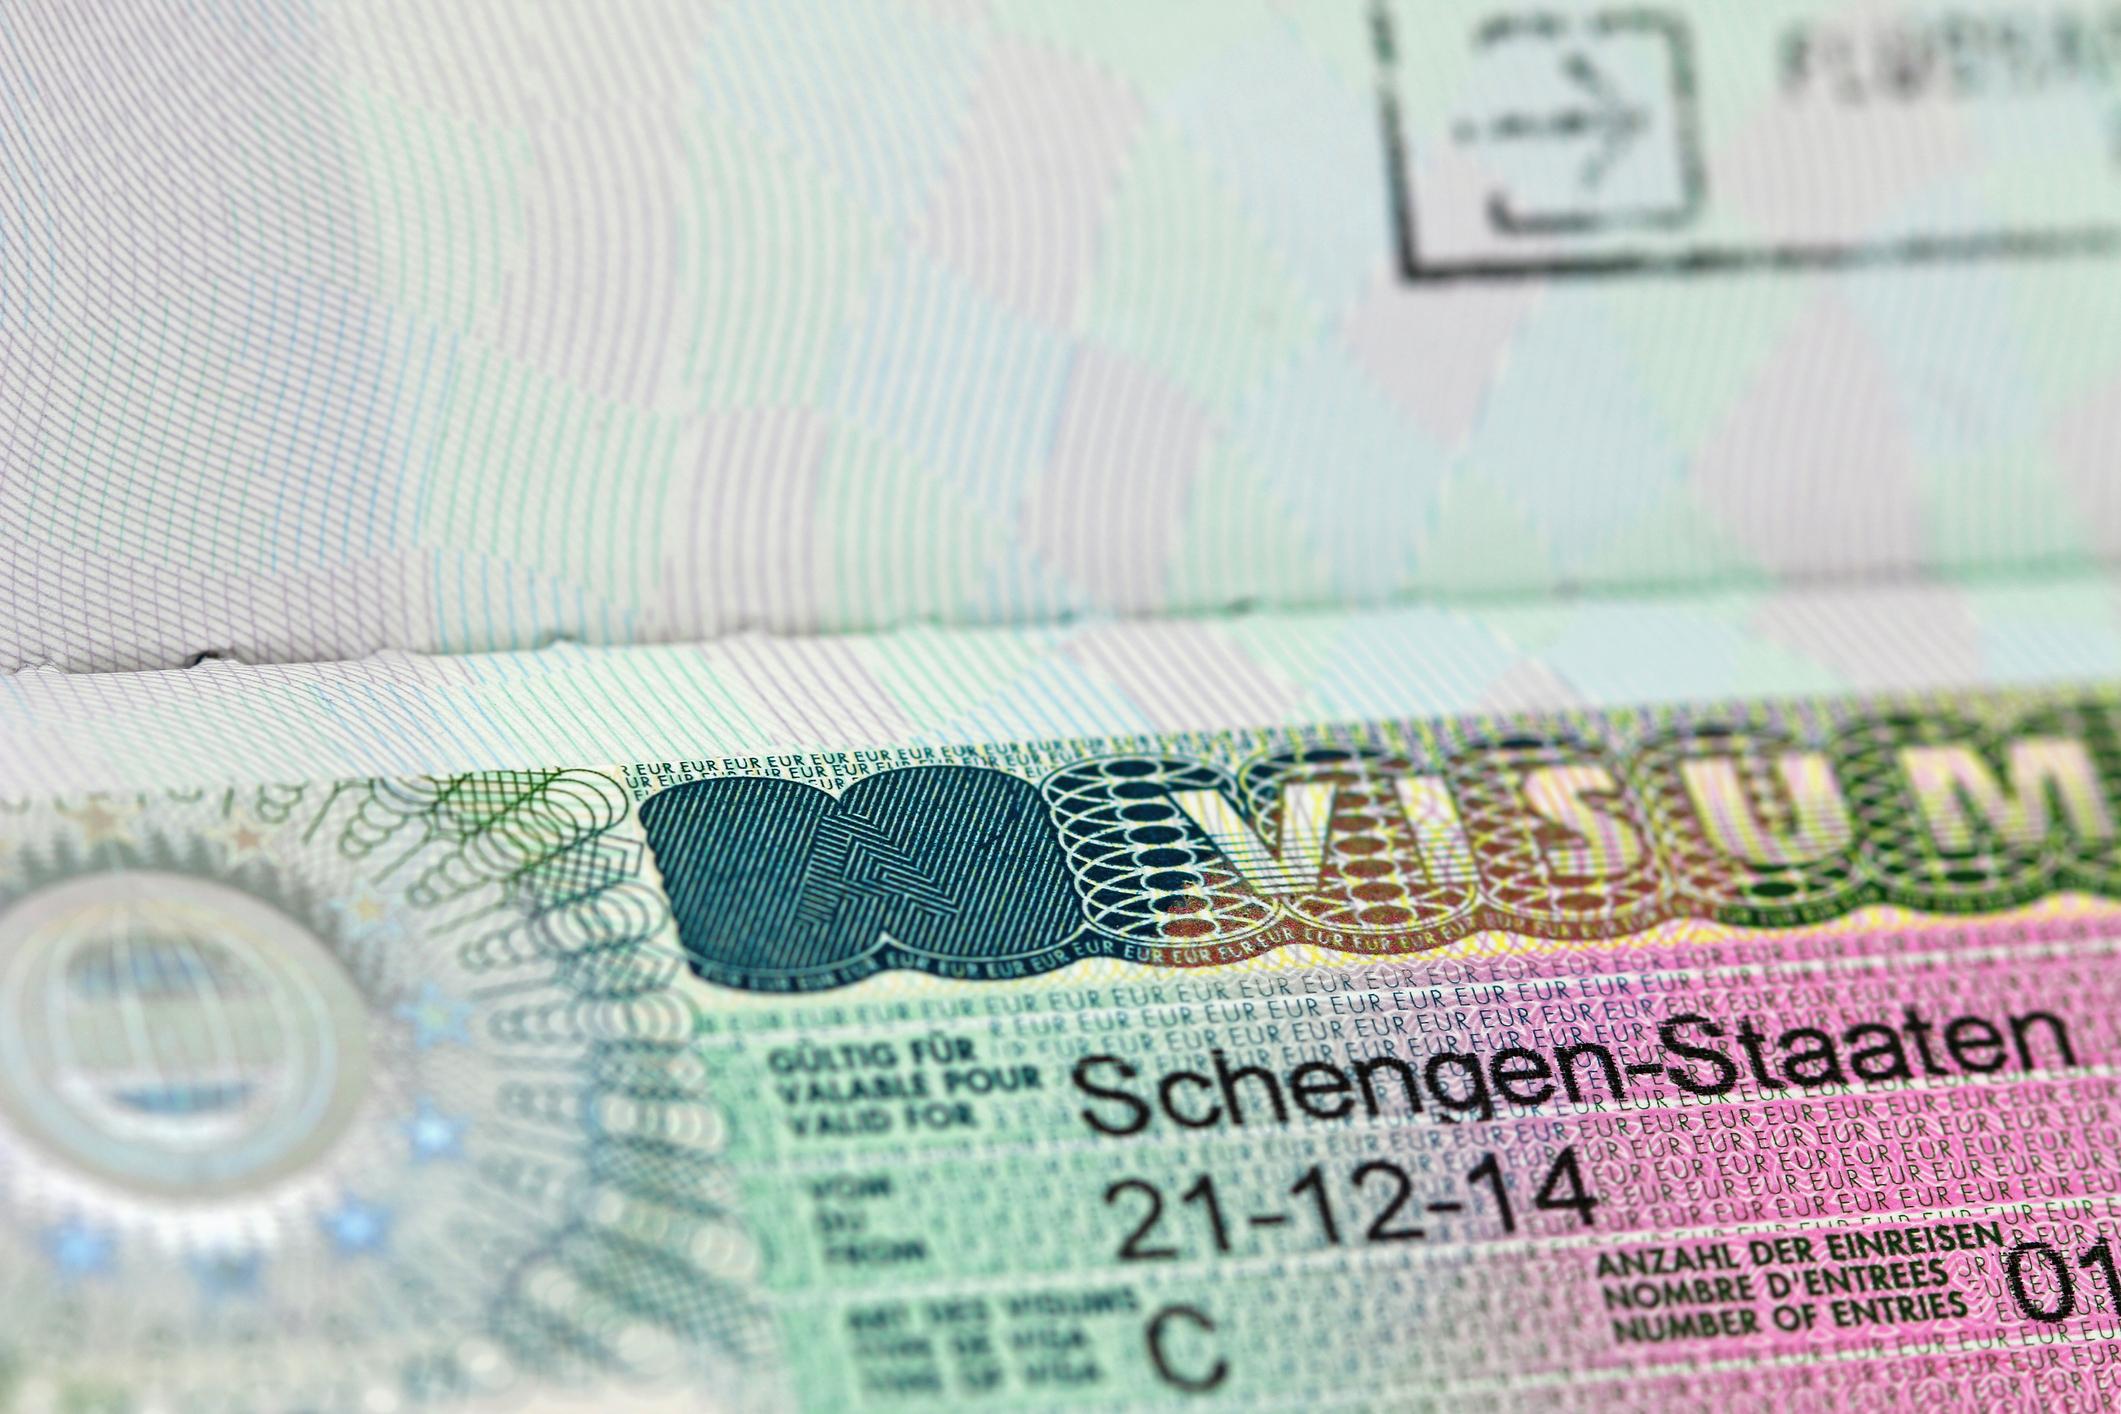 FDP: Leichtfertige Schengen-Visa-Vergabe öffnet Terroristen und Kriminellen Tür und Tor